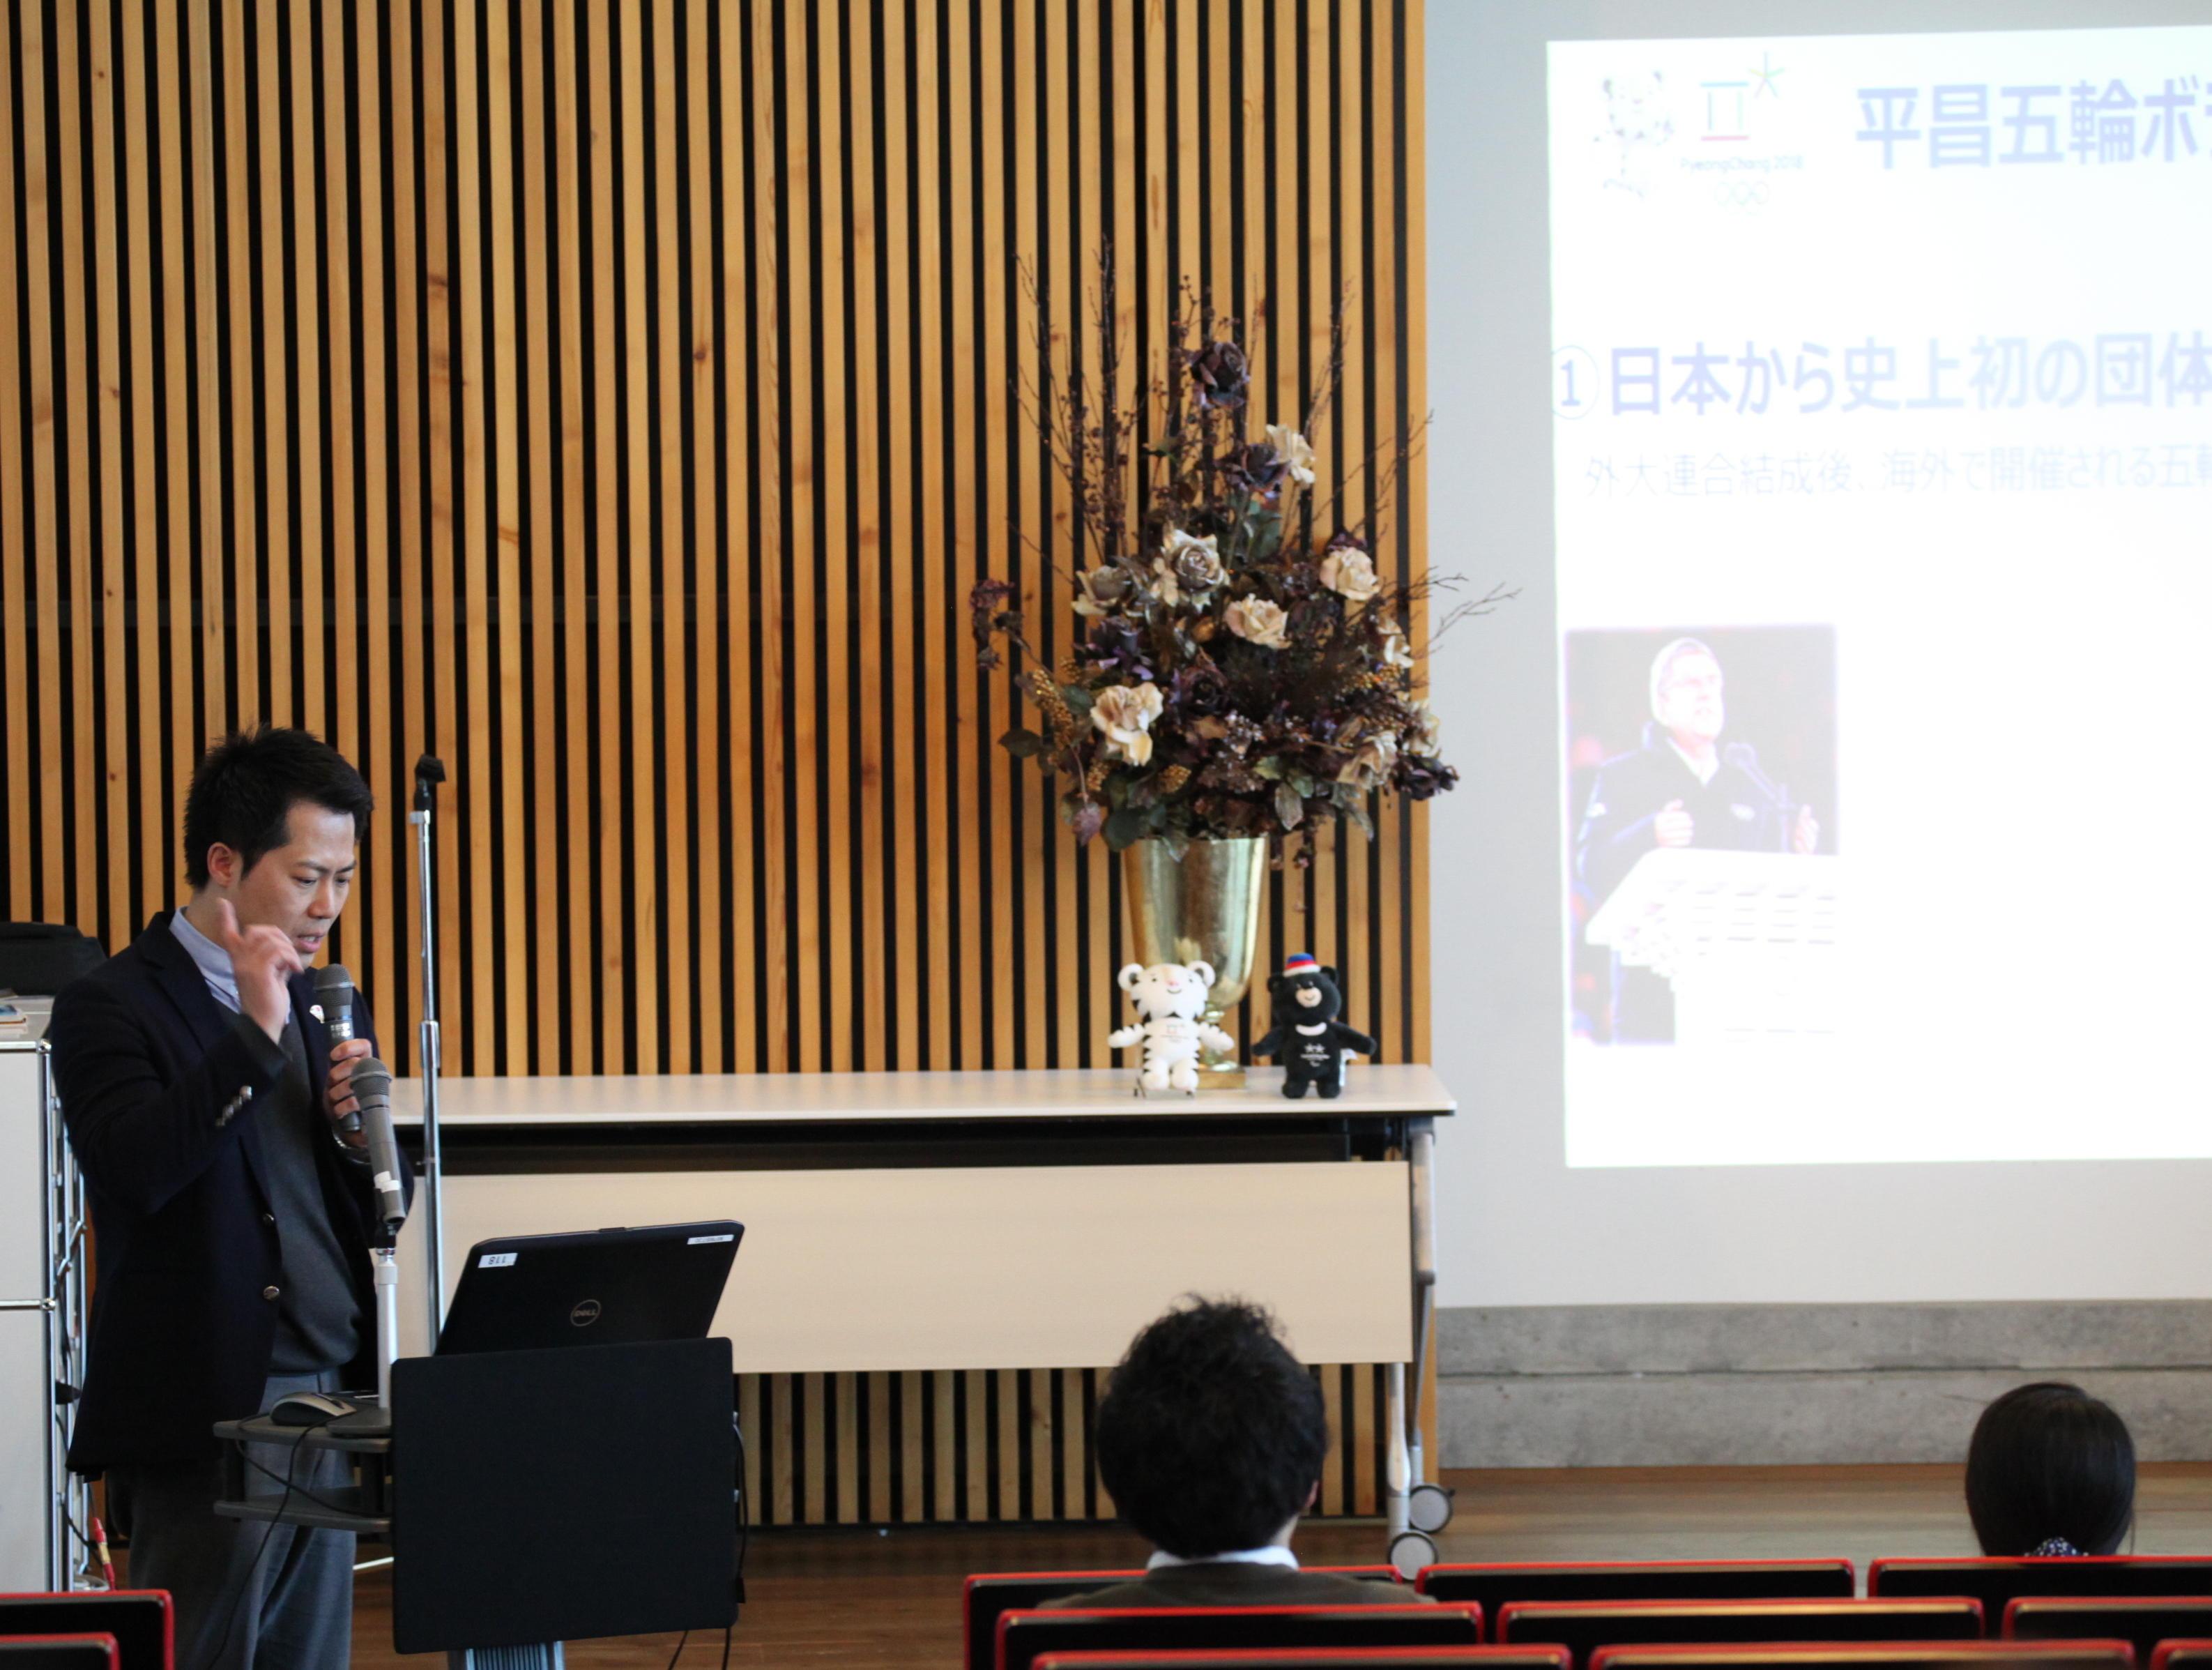 神田外語大学など全国外大連合の学生約100人が、平昌での国際競技大会の言語サービスボランティアとして参加--3月12日に平昌2018冬季オリンピック「ボランティア報告会」が開催された